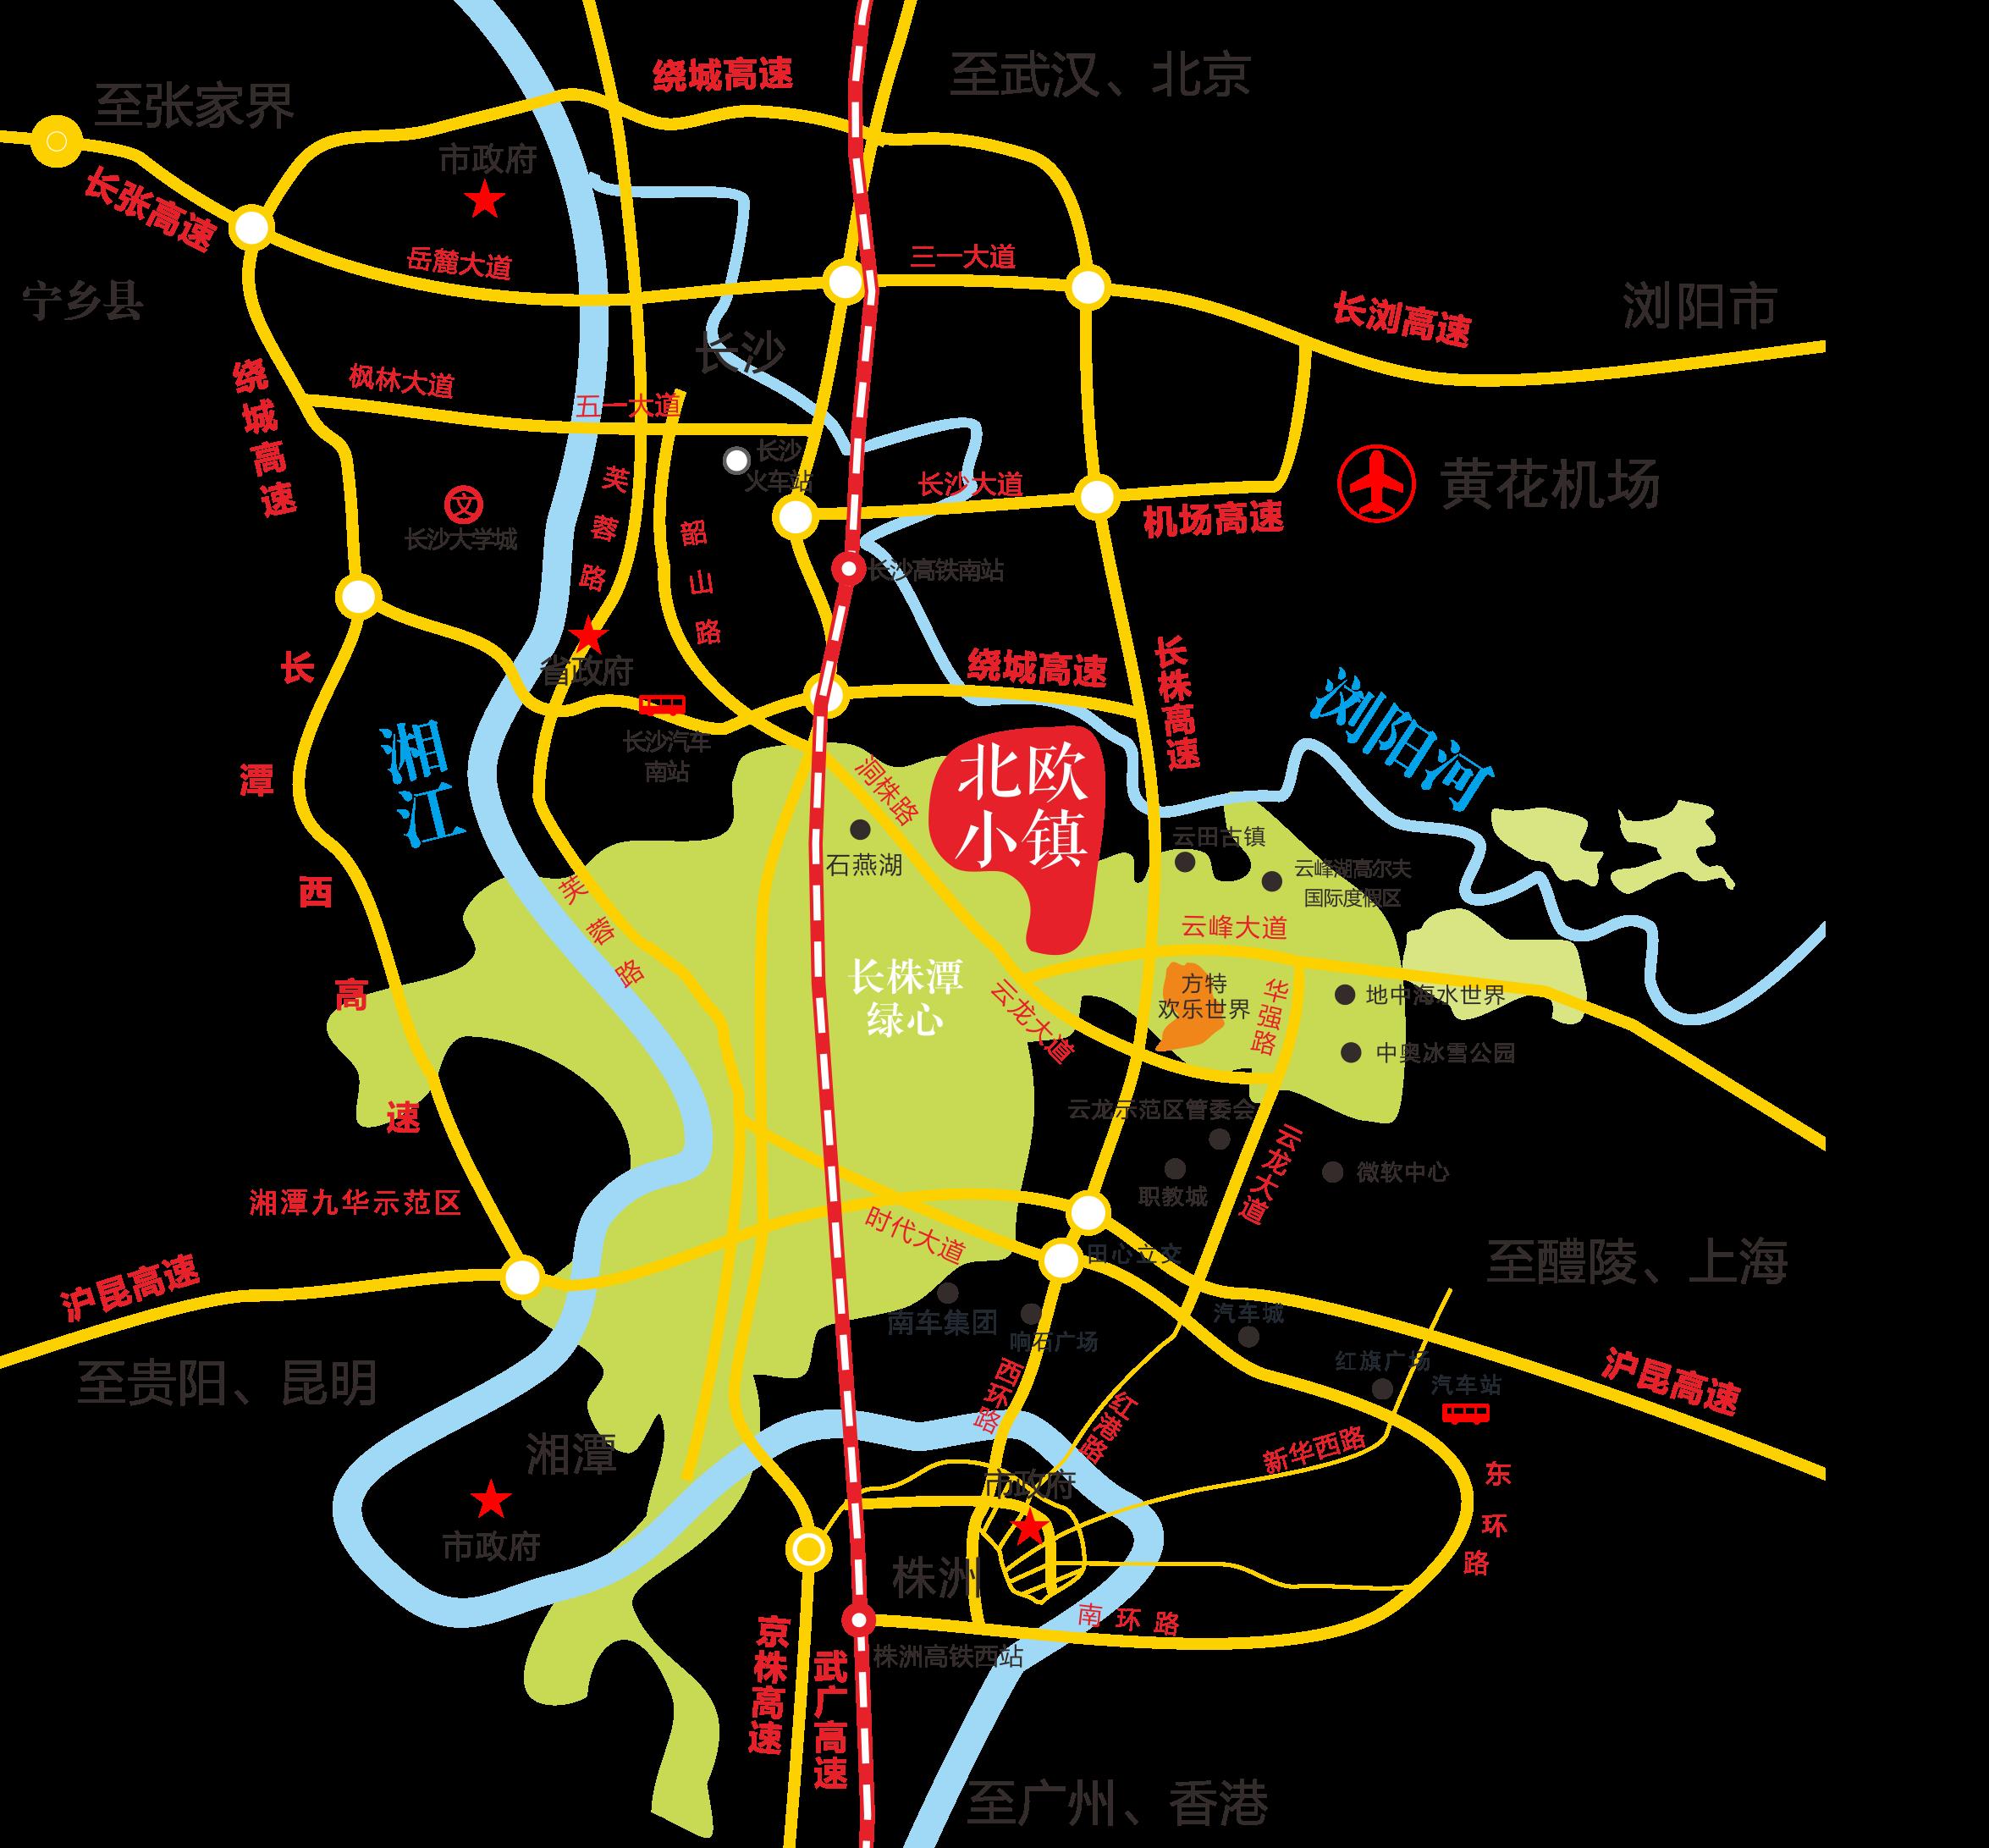 北欧小镇位置图